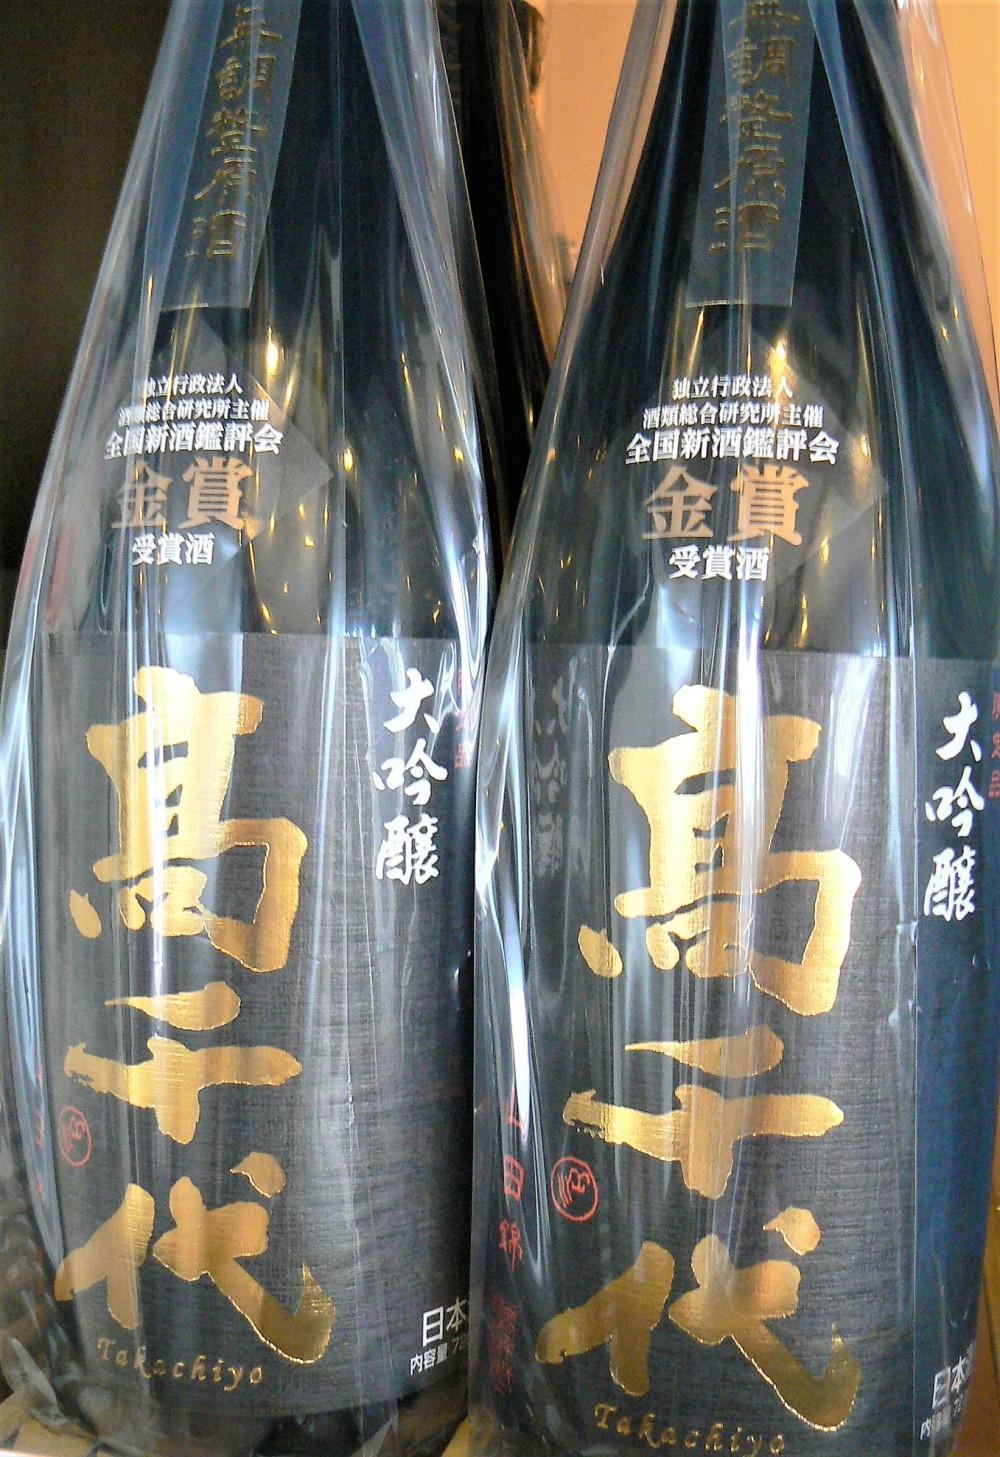 2019.5.高千代山田錦金賞酒